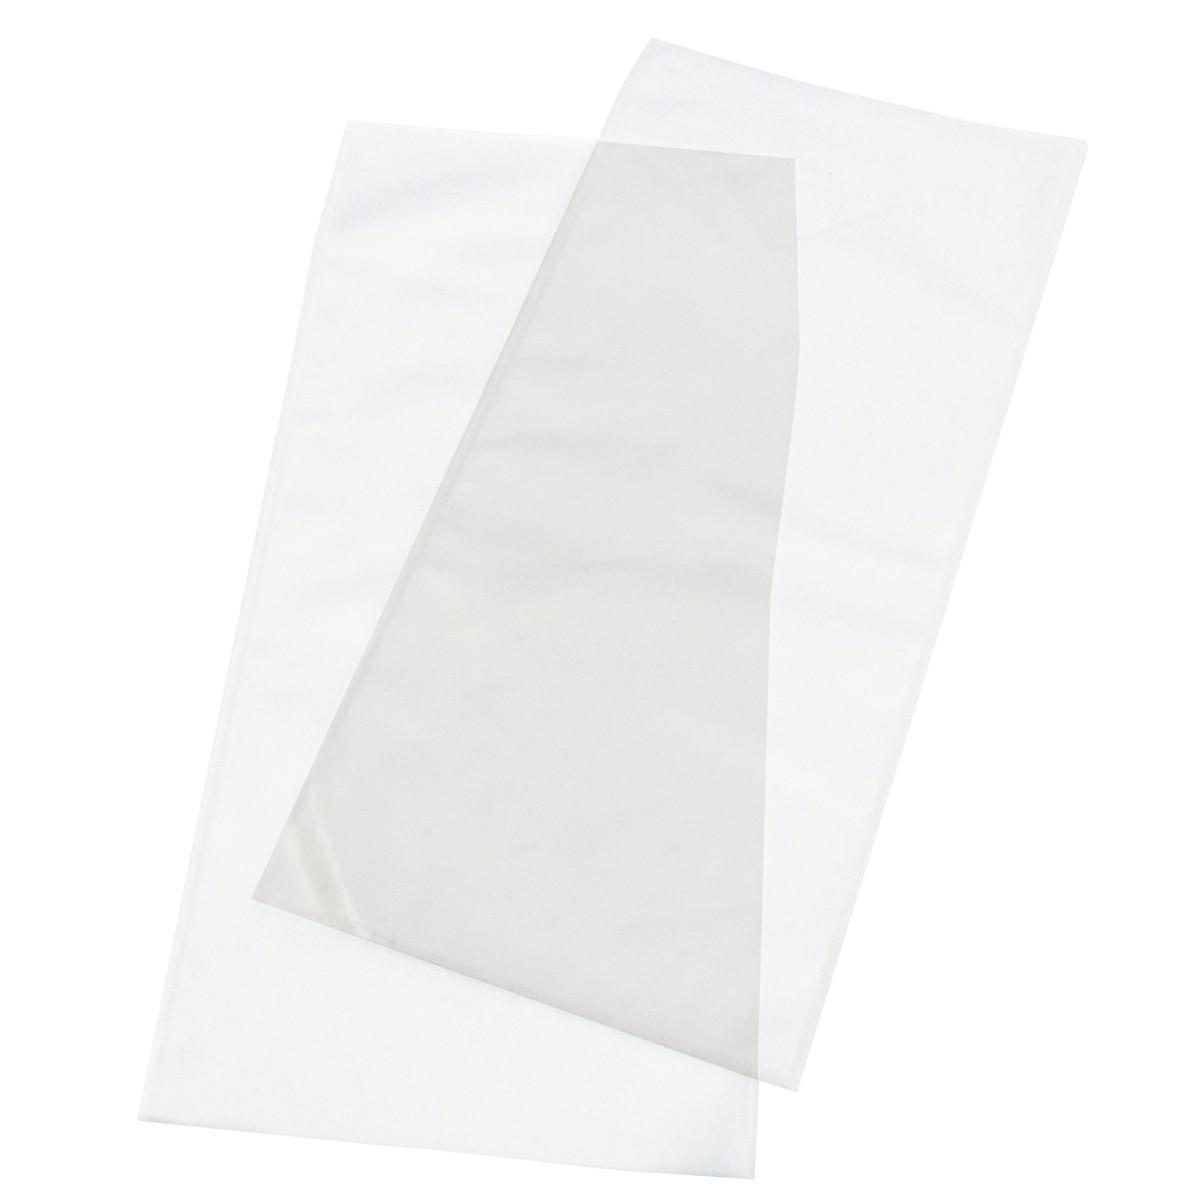 Rachenbeutel (50 Stück Packung) für CPR Lilly Simulatoren